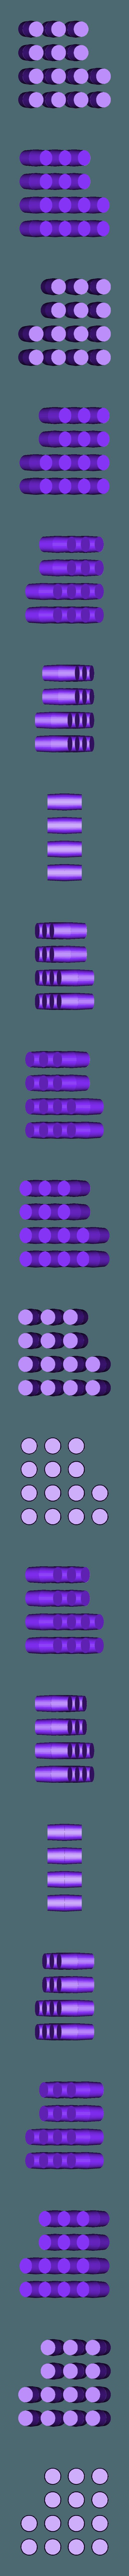 pegs_triangle.stl Télécharger fichier SCAD gratuit Peg solitaire : plus et triangle • Design pour imprimante 3D, arpruss